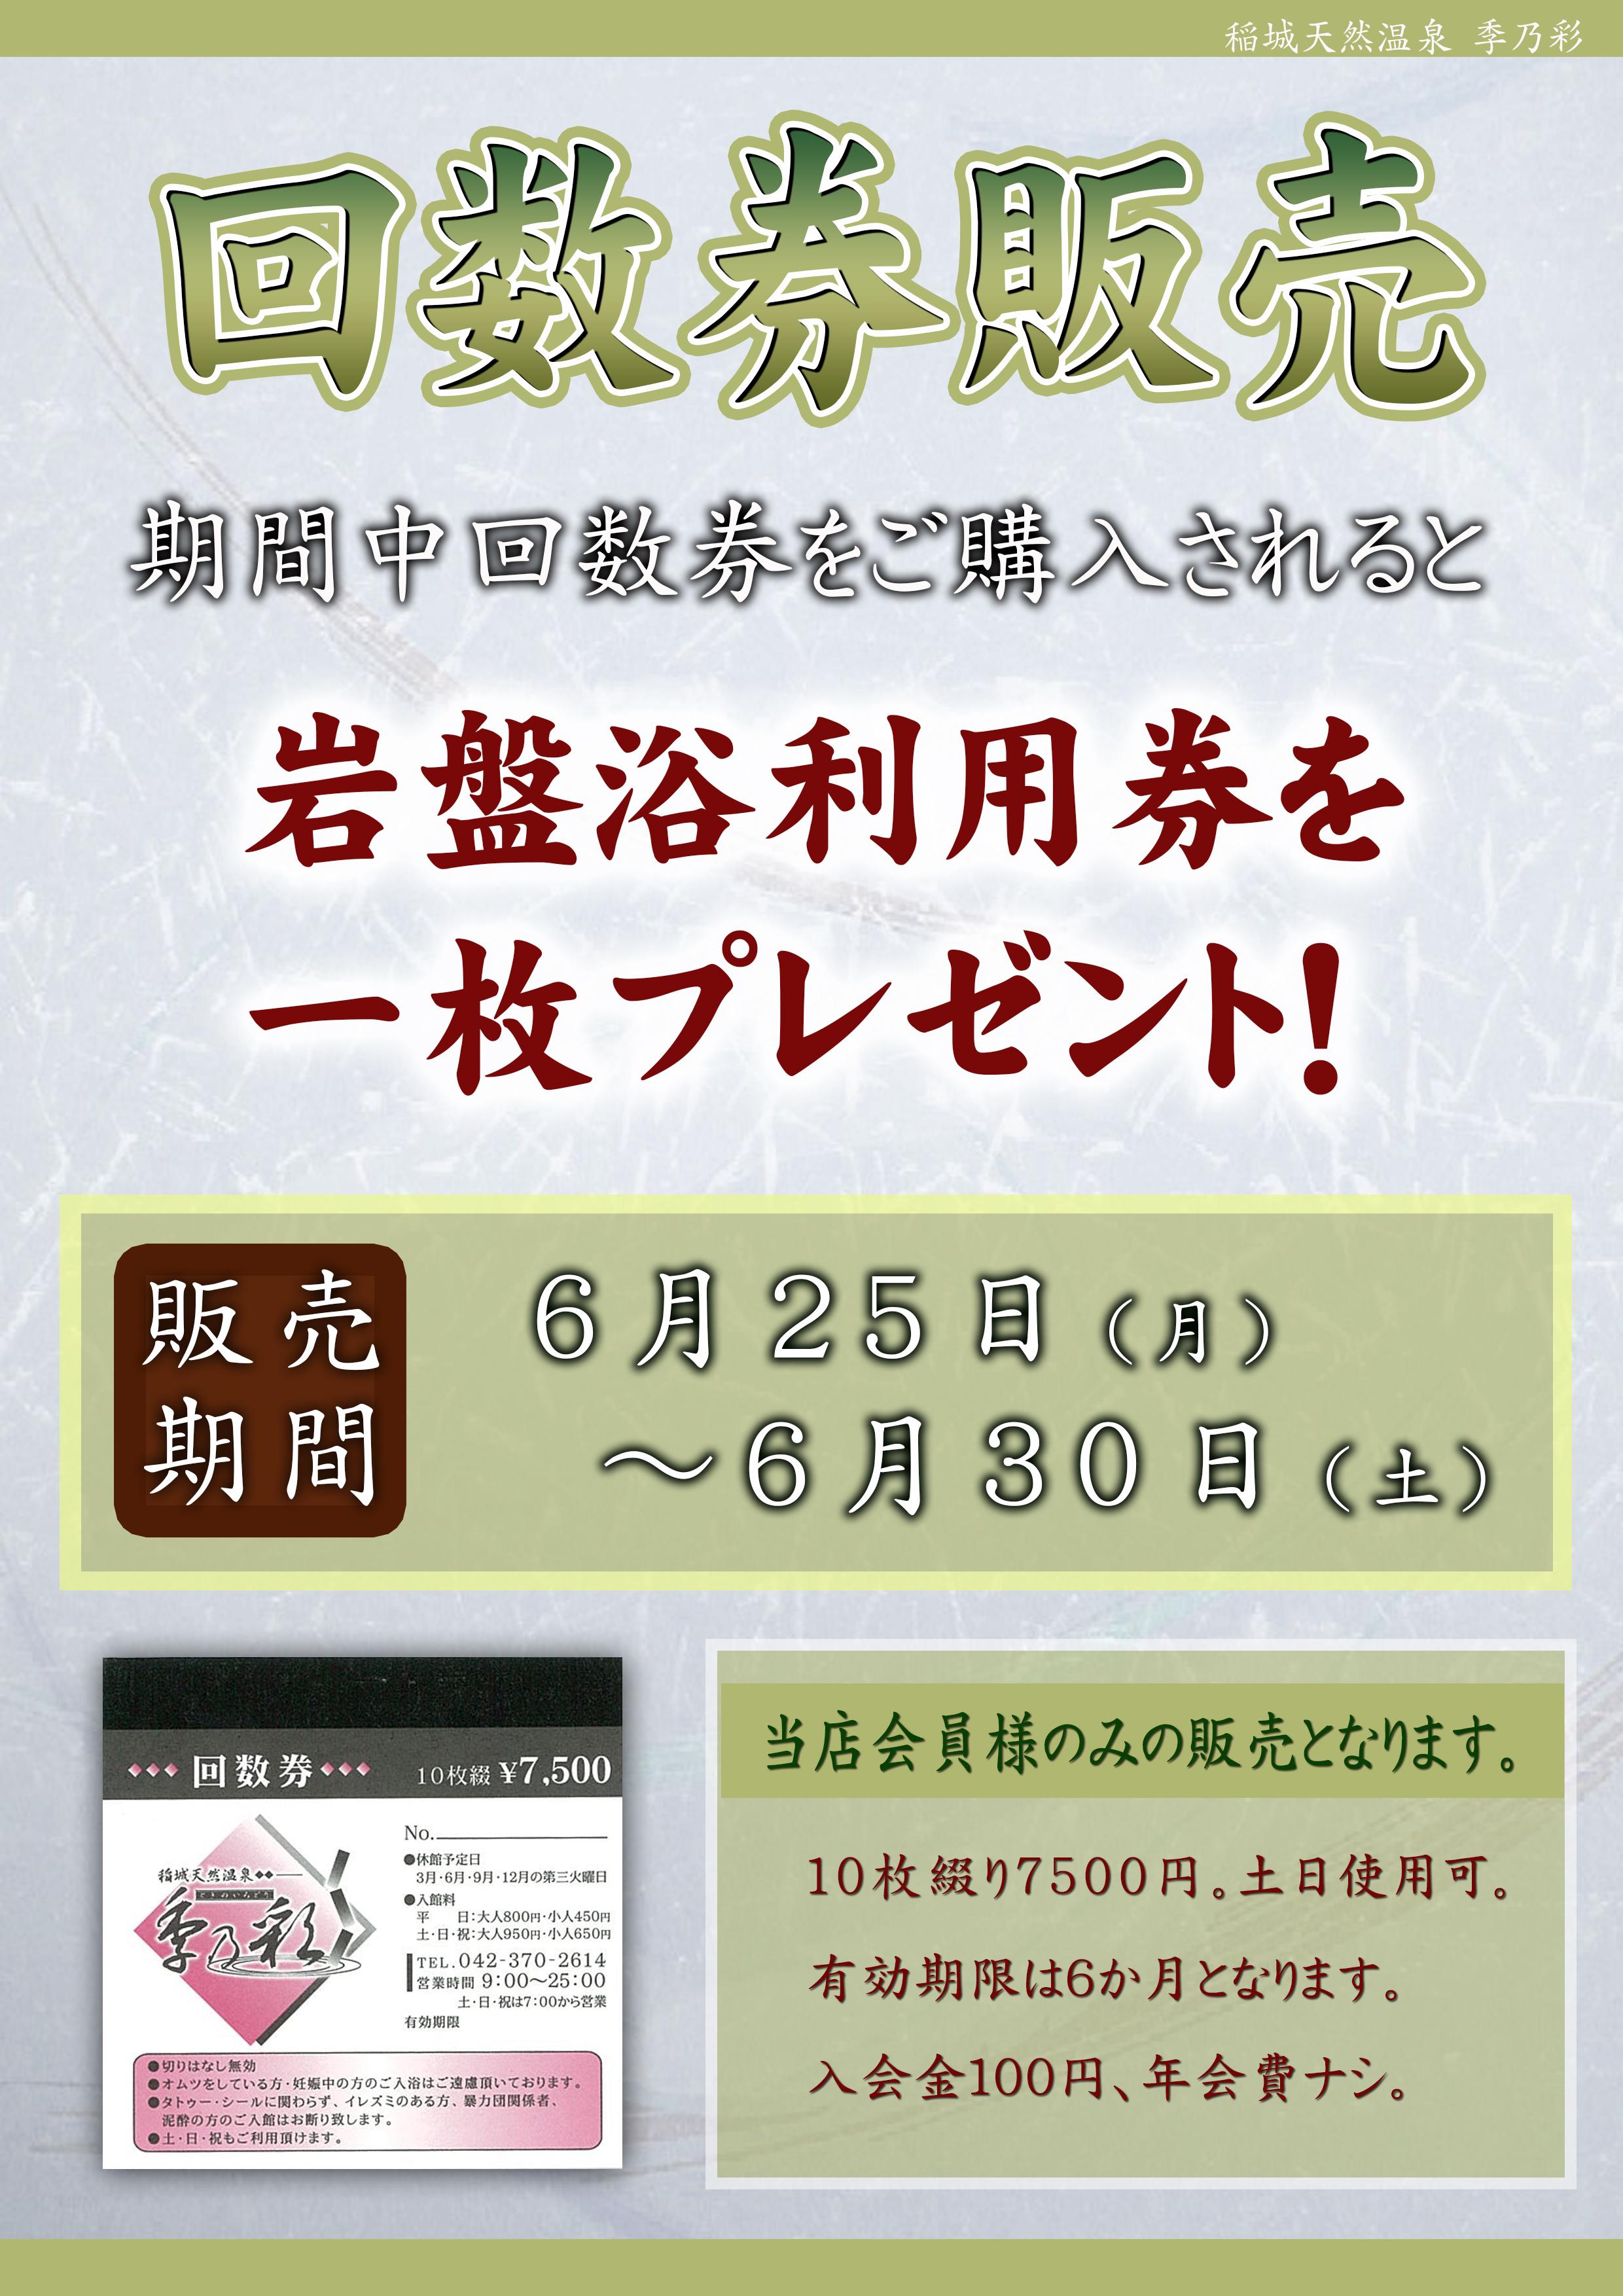 201806POP イベント 回数券特売 岩盤浴券付与【入会100円】6月